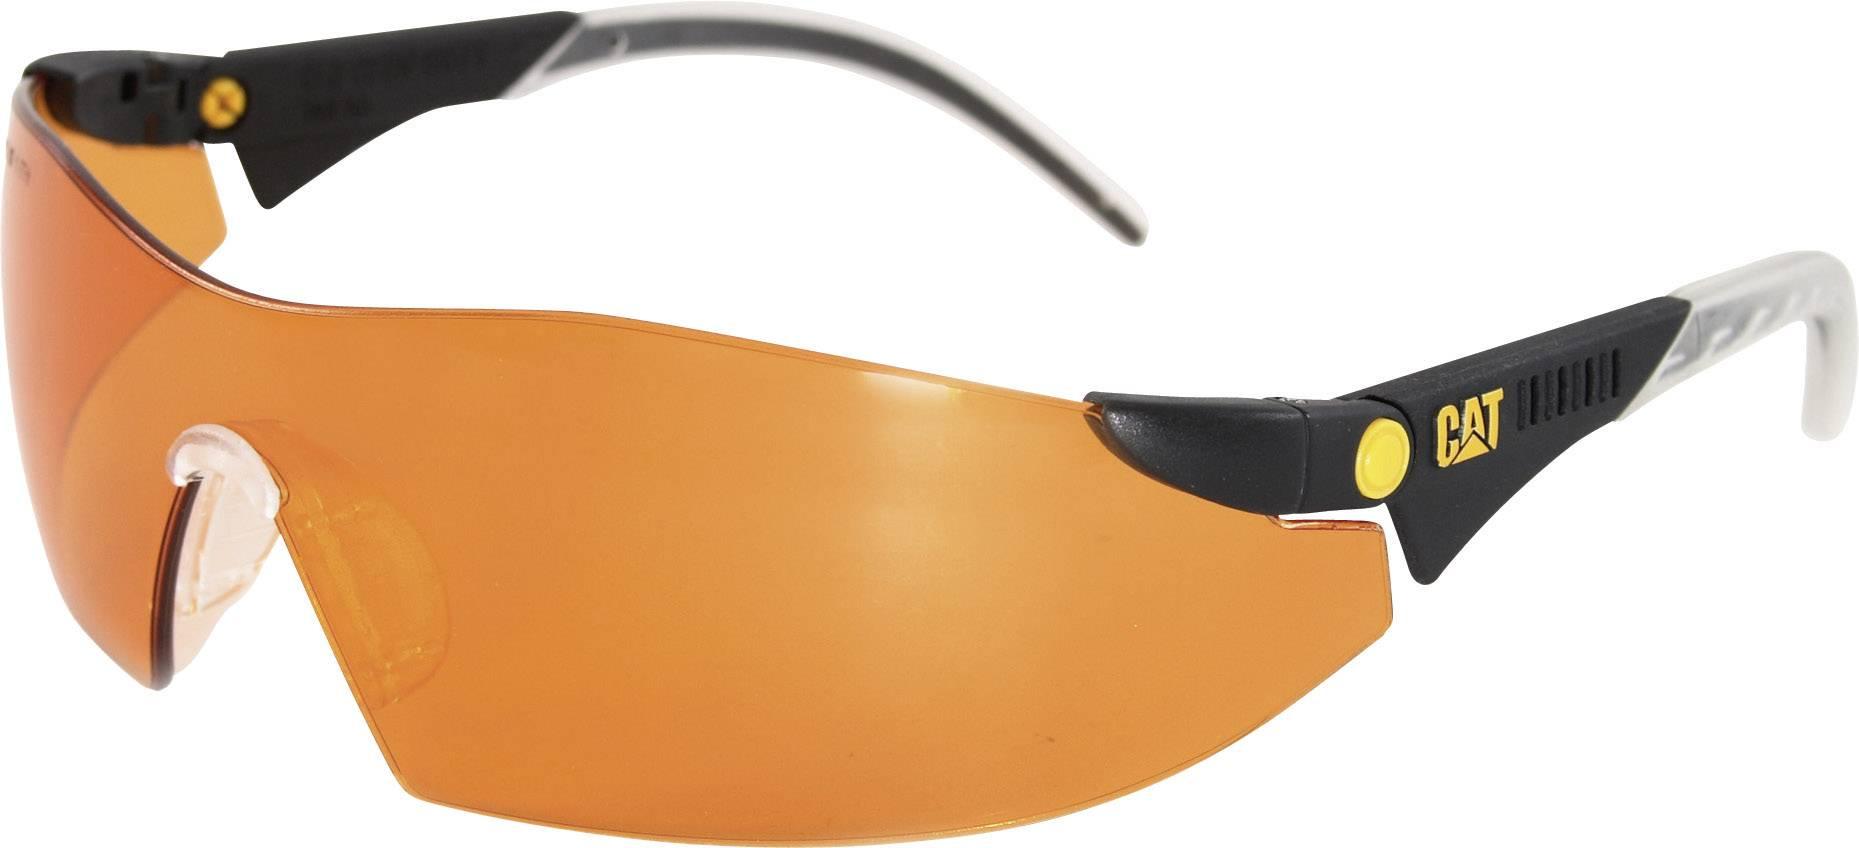 Ochranné okuliare CAT DOZER116CATERPILLAR